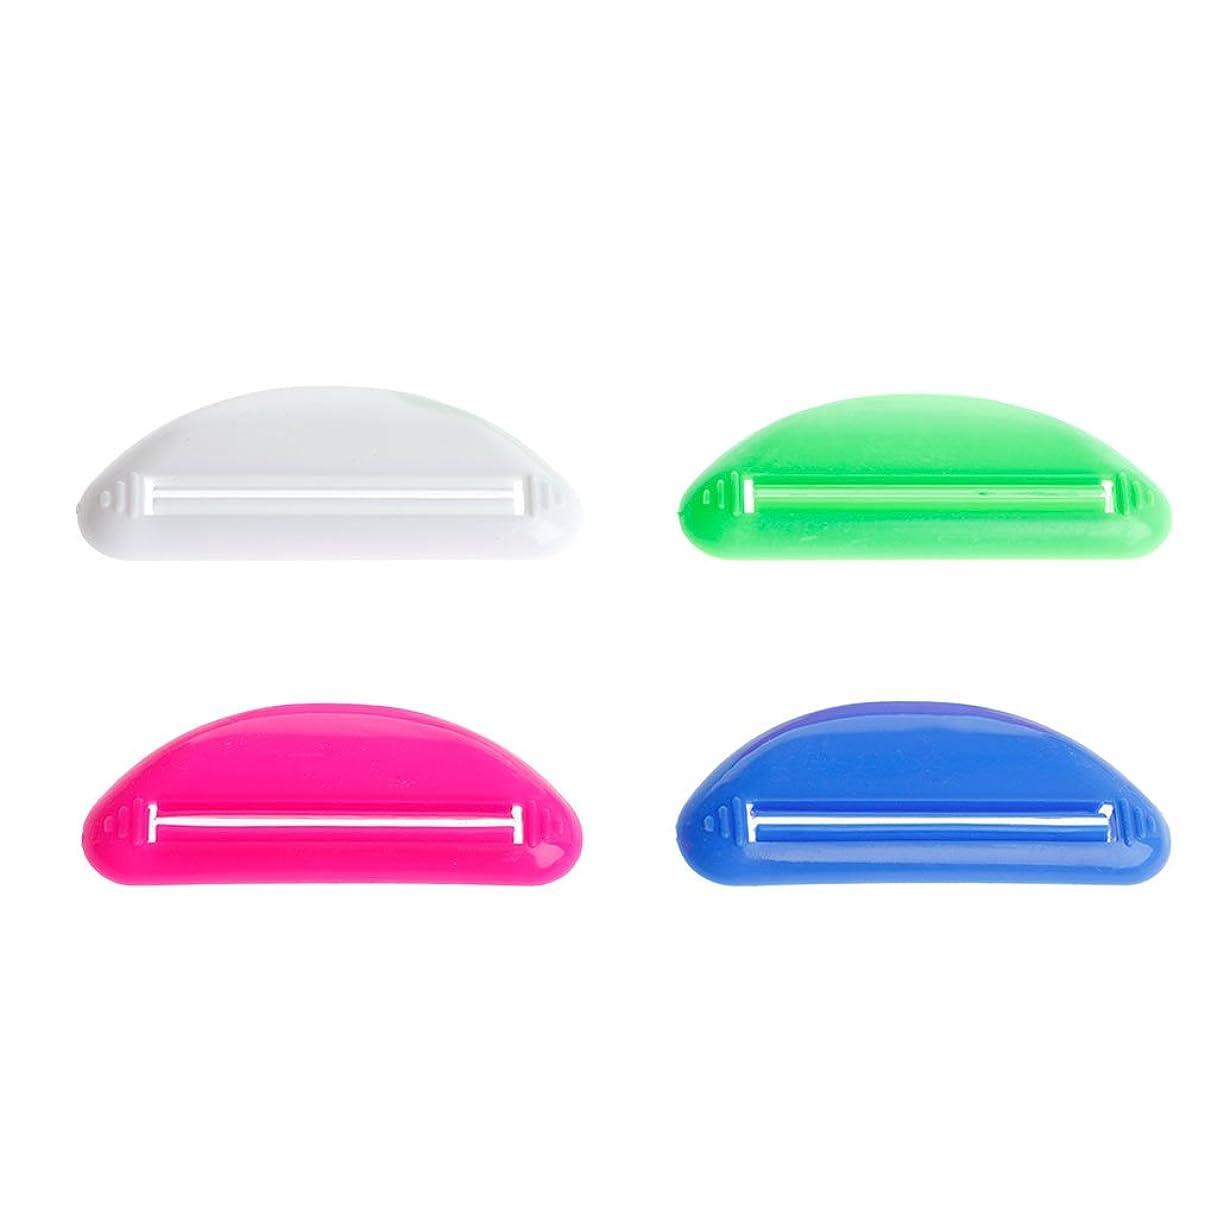 ドーム強打上下するLamdooプラスチックチューブスクイーザー歯磨き粉ディスペンサーホルダーローリング浴室ツールポータブルランダム配信